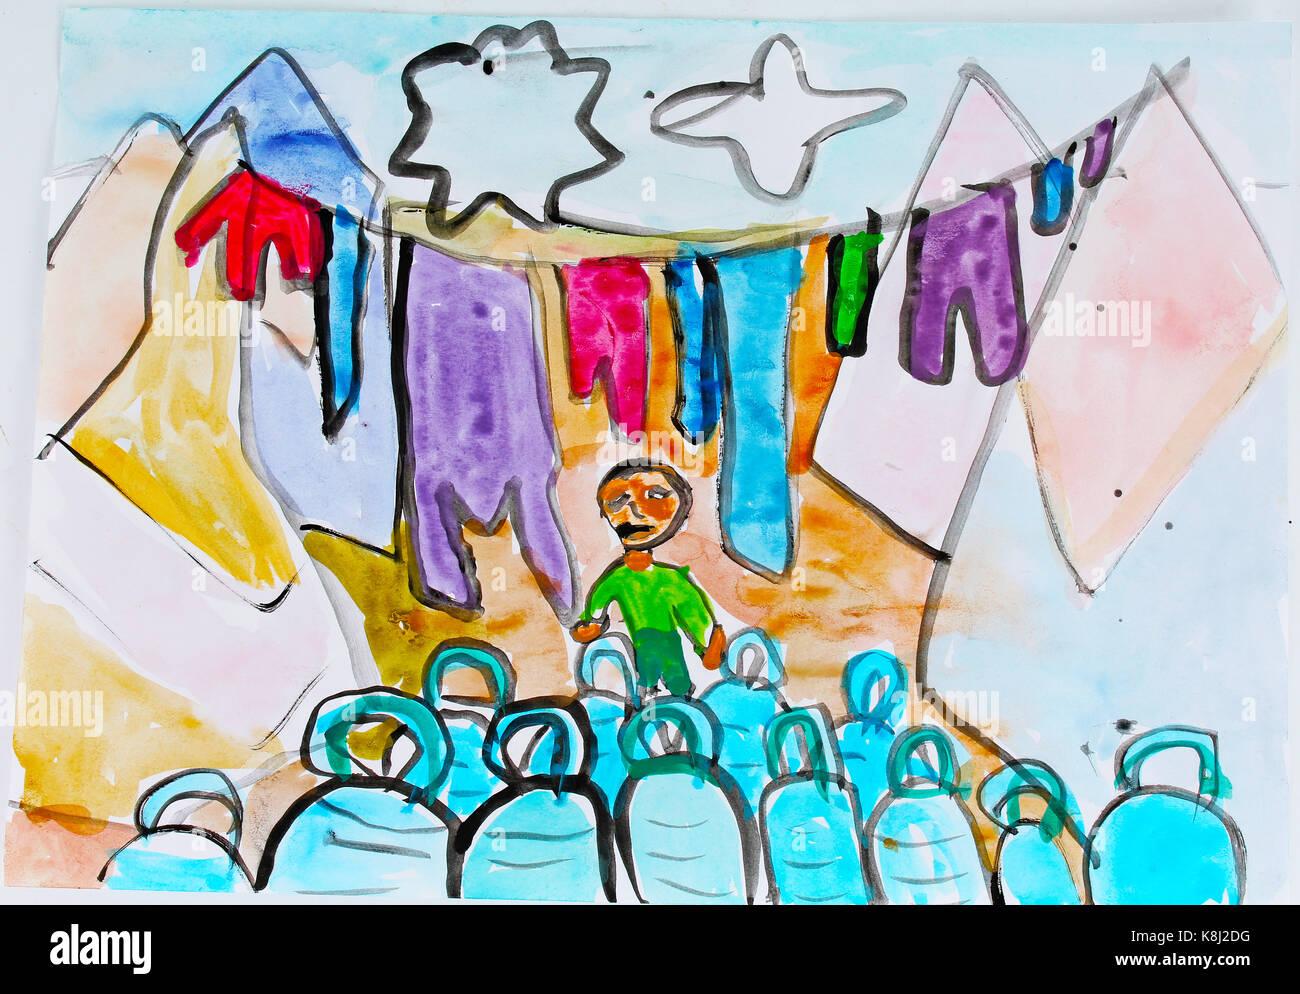 Enfants syriens réfugiés en tirer à propos de la peinture de la vie quotidienne au camp / établissements Photo Stock